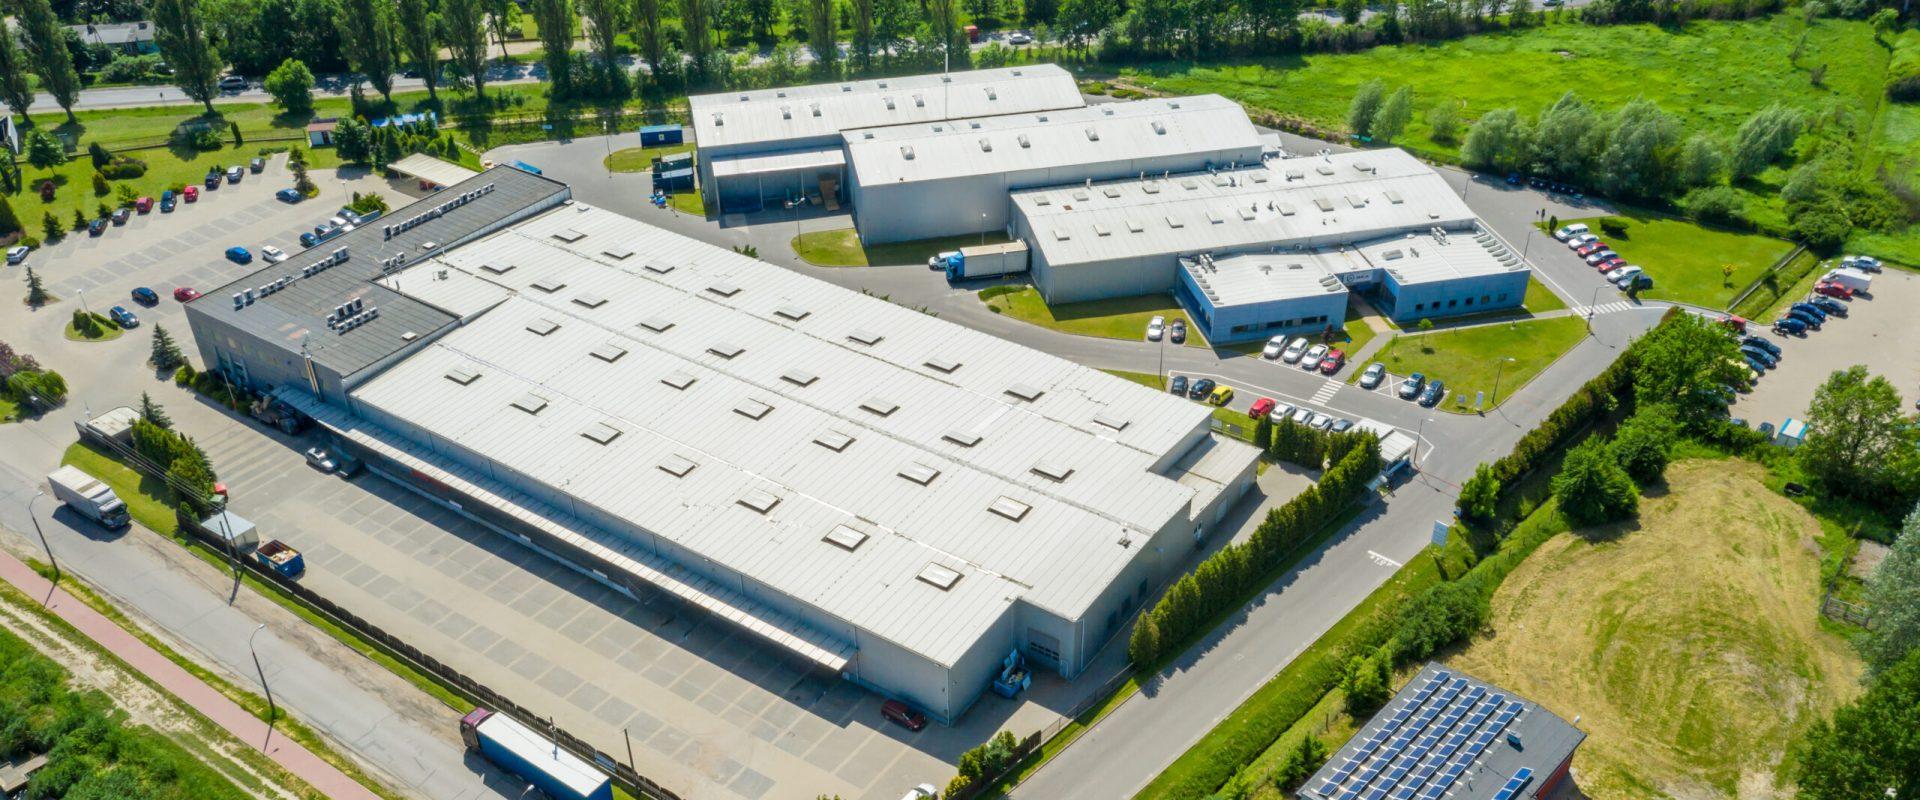 Fábrica EURO-TLM. Fabricante de implementos agrícolas & industrial.